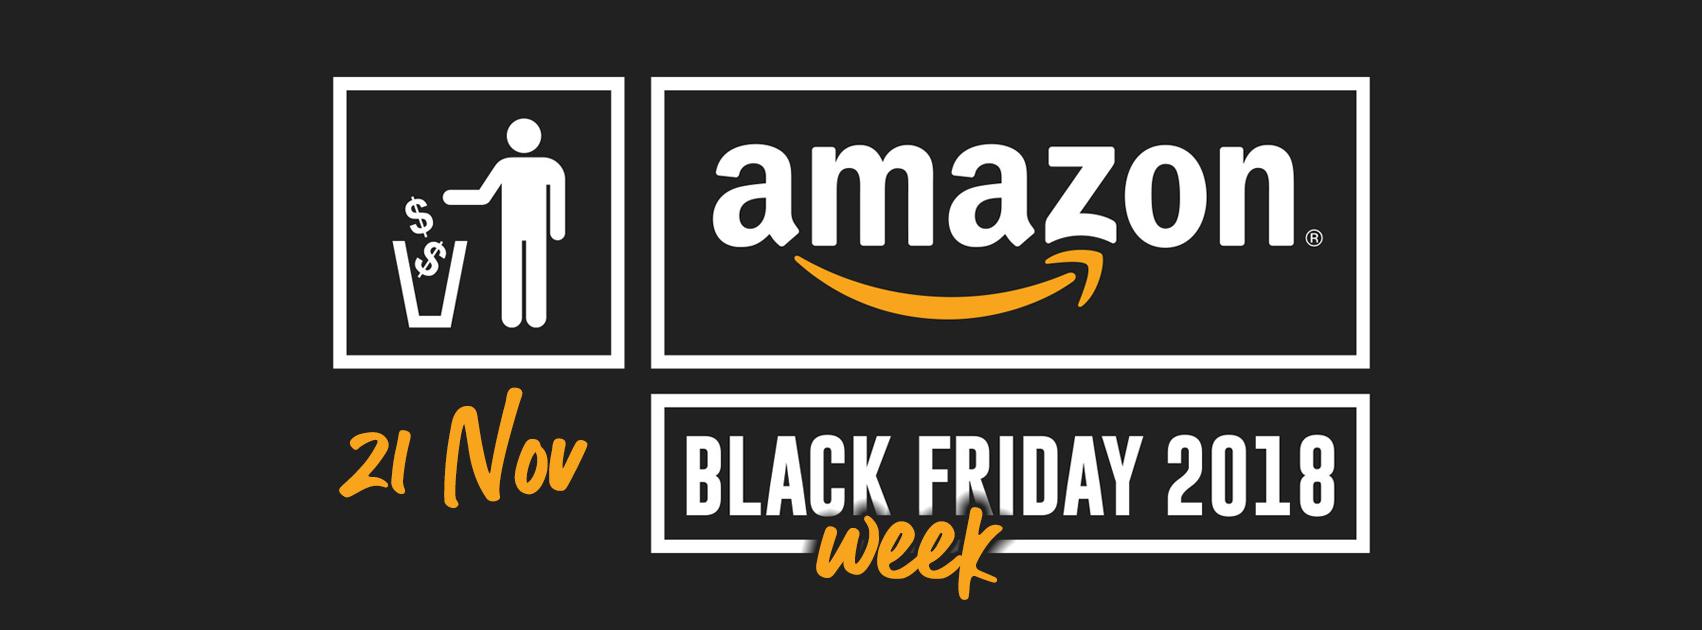 Amazon Black Friday 2018: Le migliori offerte di mercoledì 21 novembre